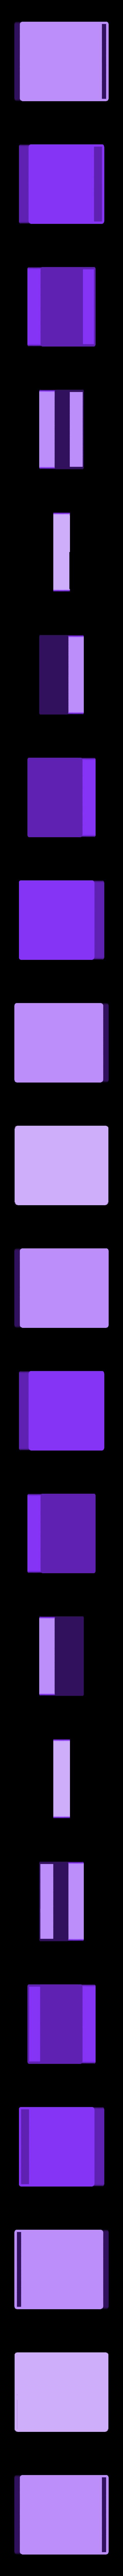 boite_embouts.stl Télécharger fichier STL gratuit Embout de vissage • Design à imprimer en 3D, titi01